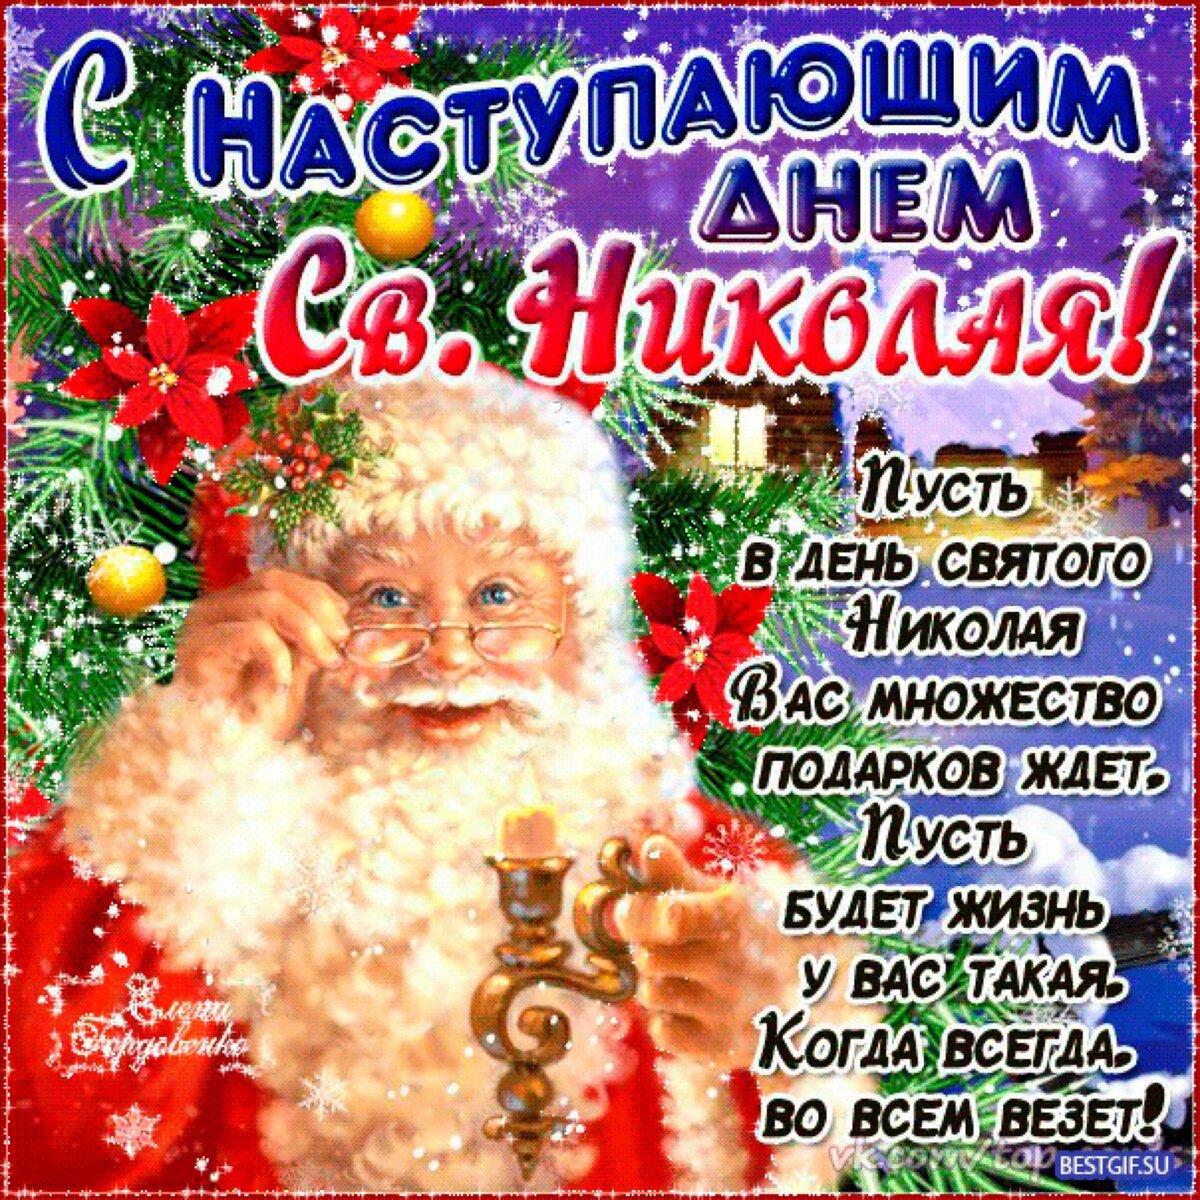 Праздники в декабре открытки, открытка